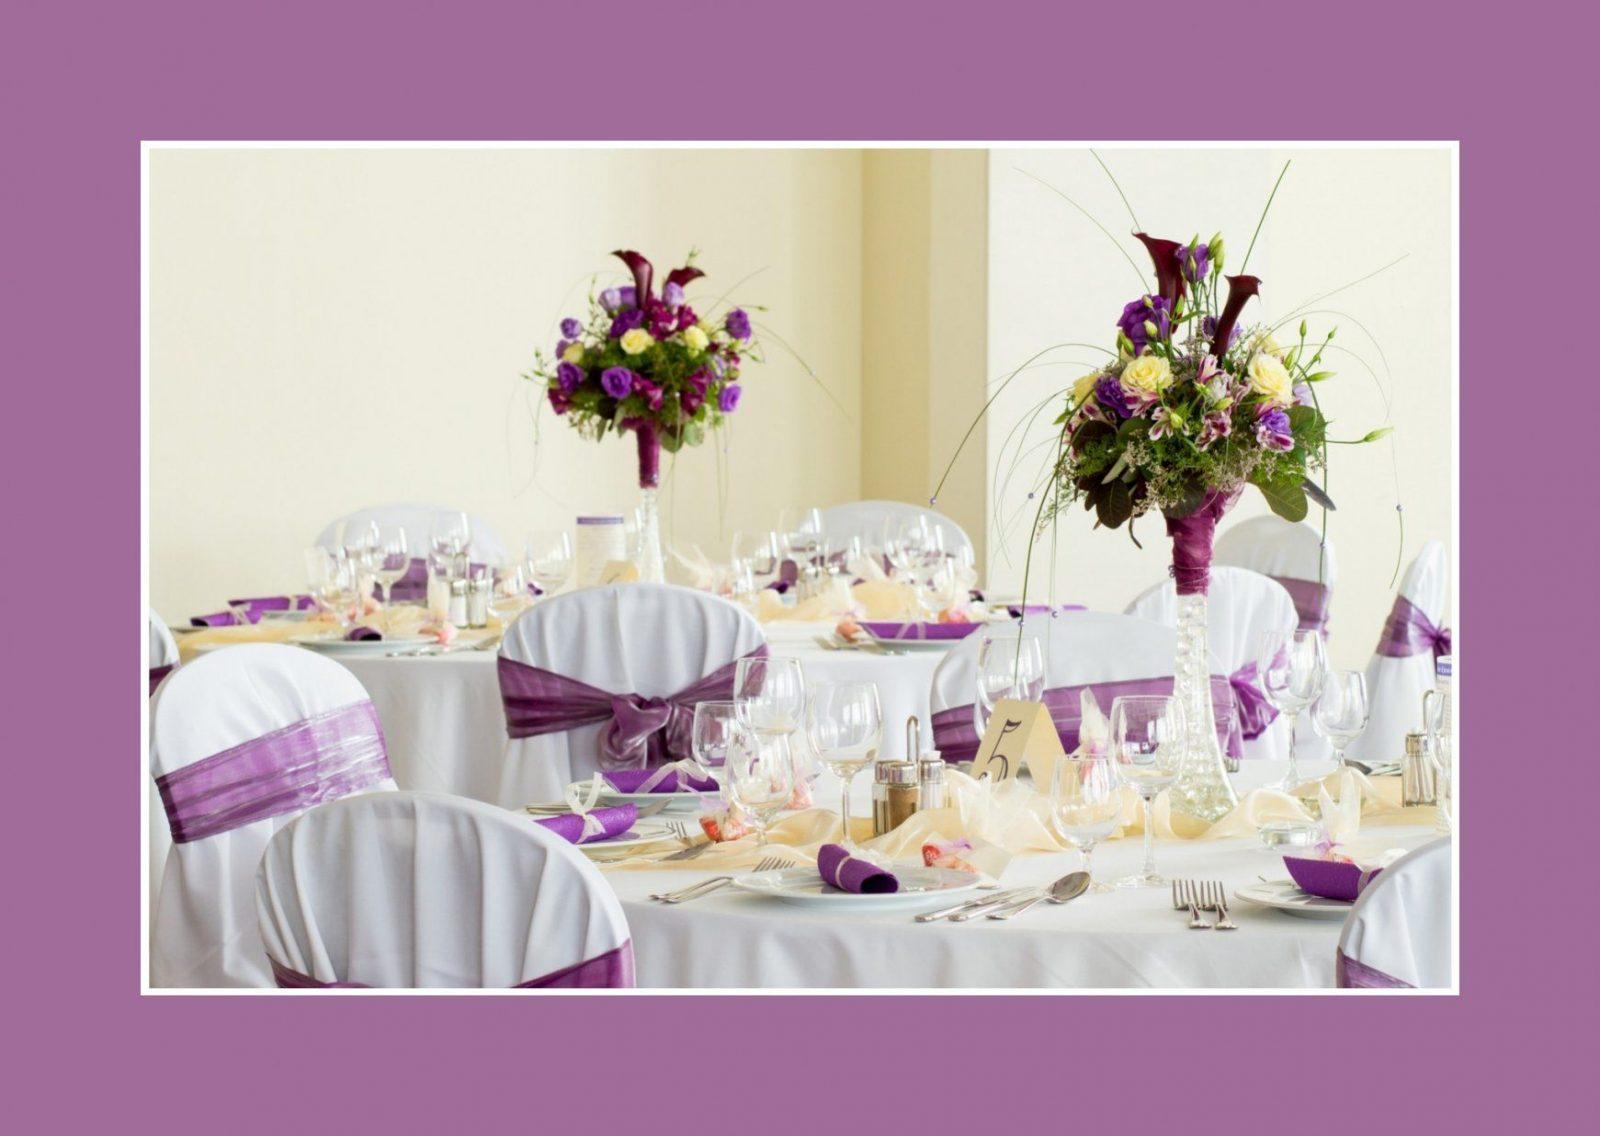 Tischdeko Lila Weiß Hochzeit  Hochzeit Kleid  Glückwünsche Zur von Tischdeko Hochzeit Flieder Weiß Photo